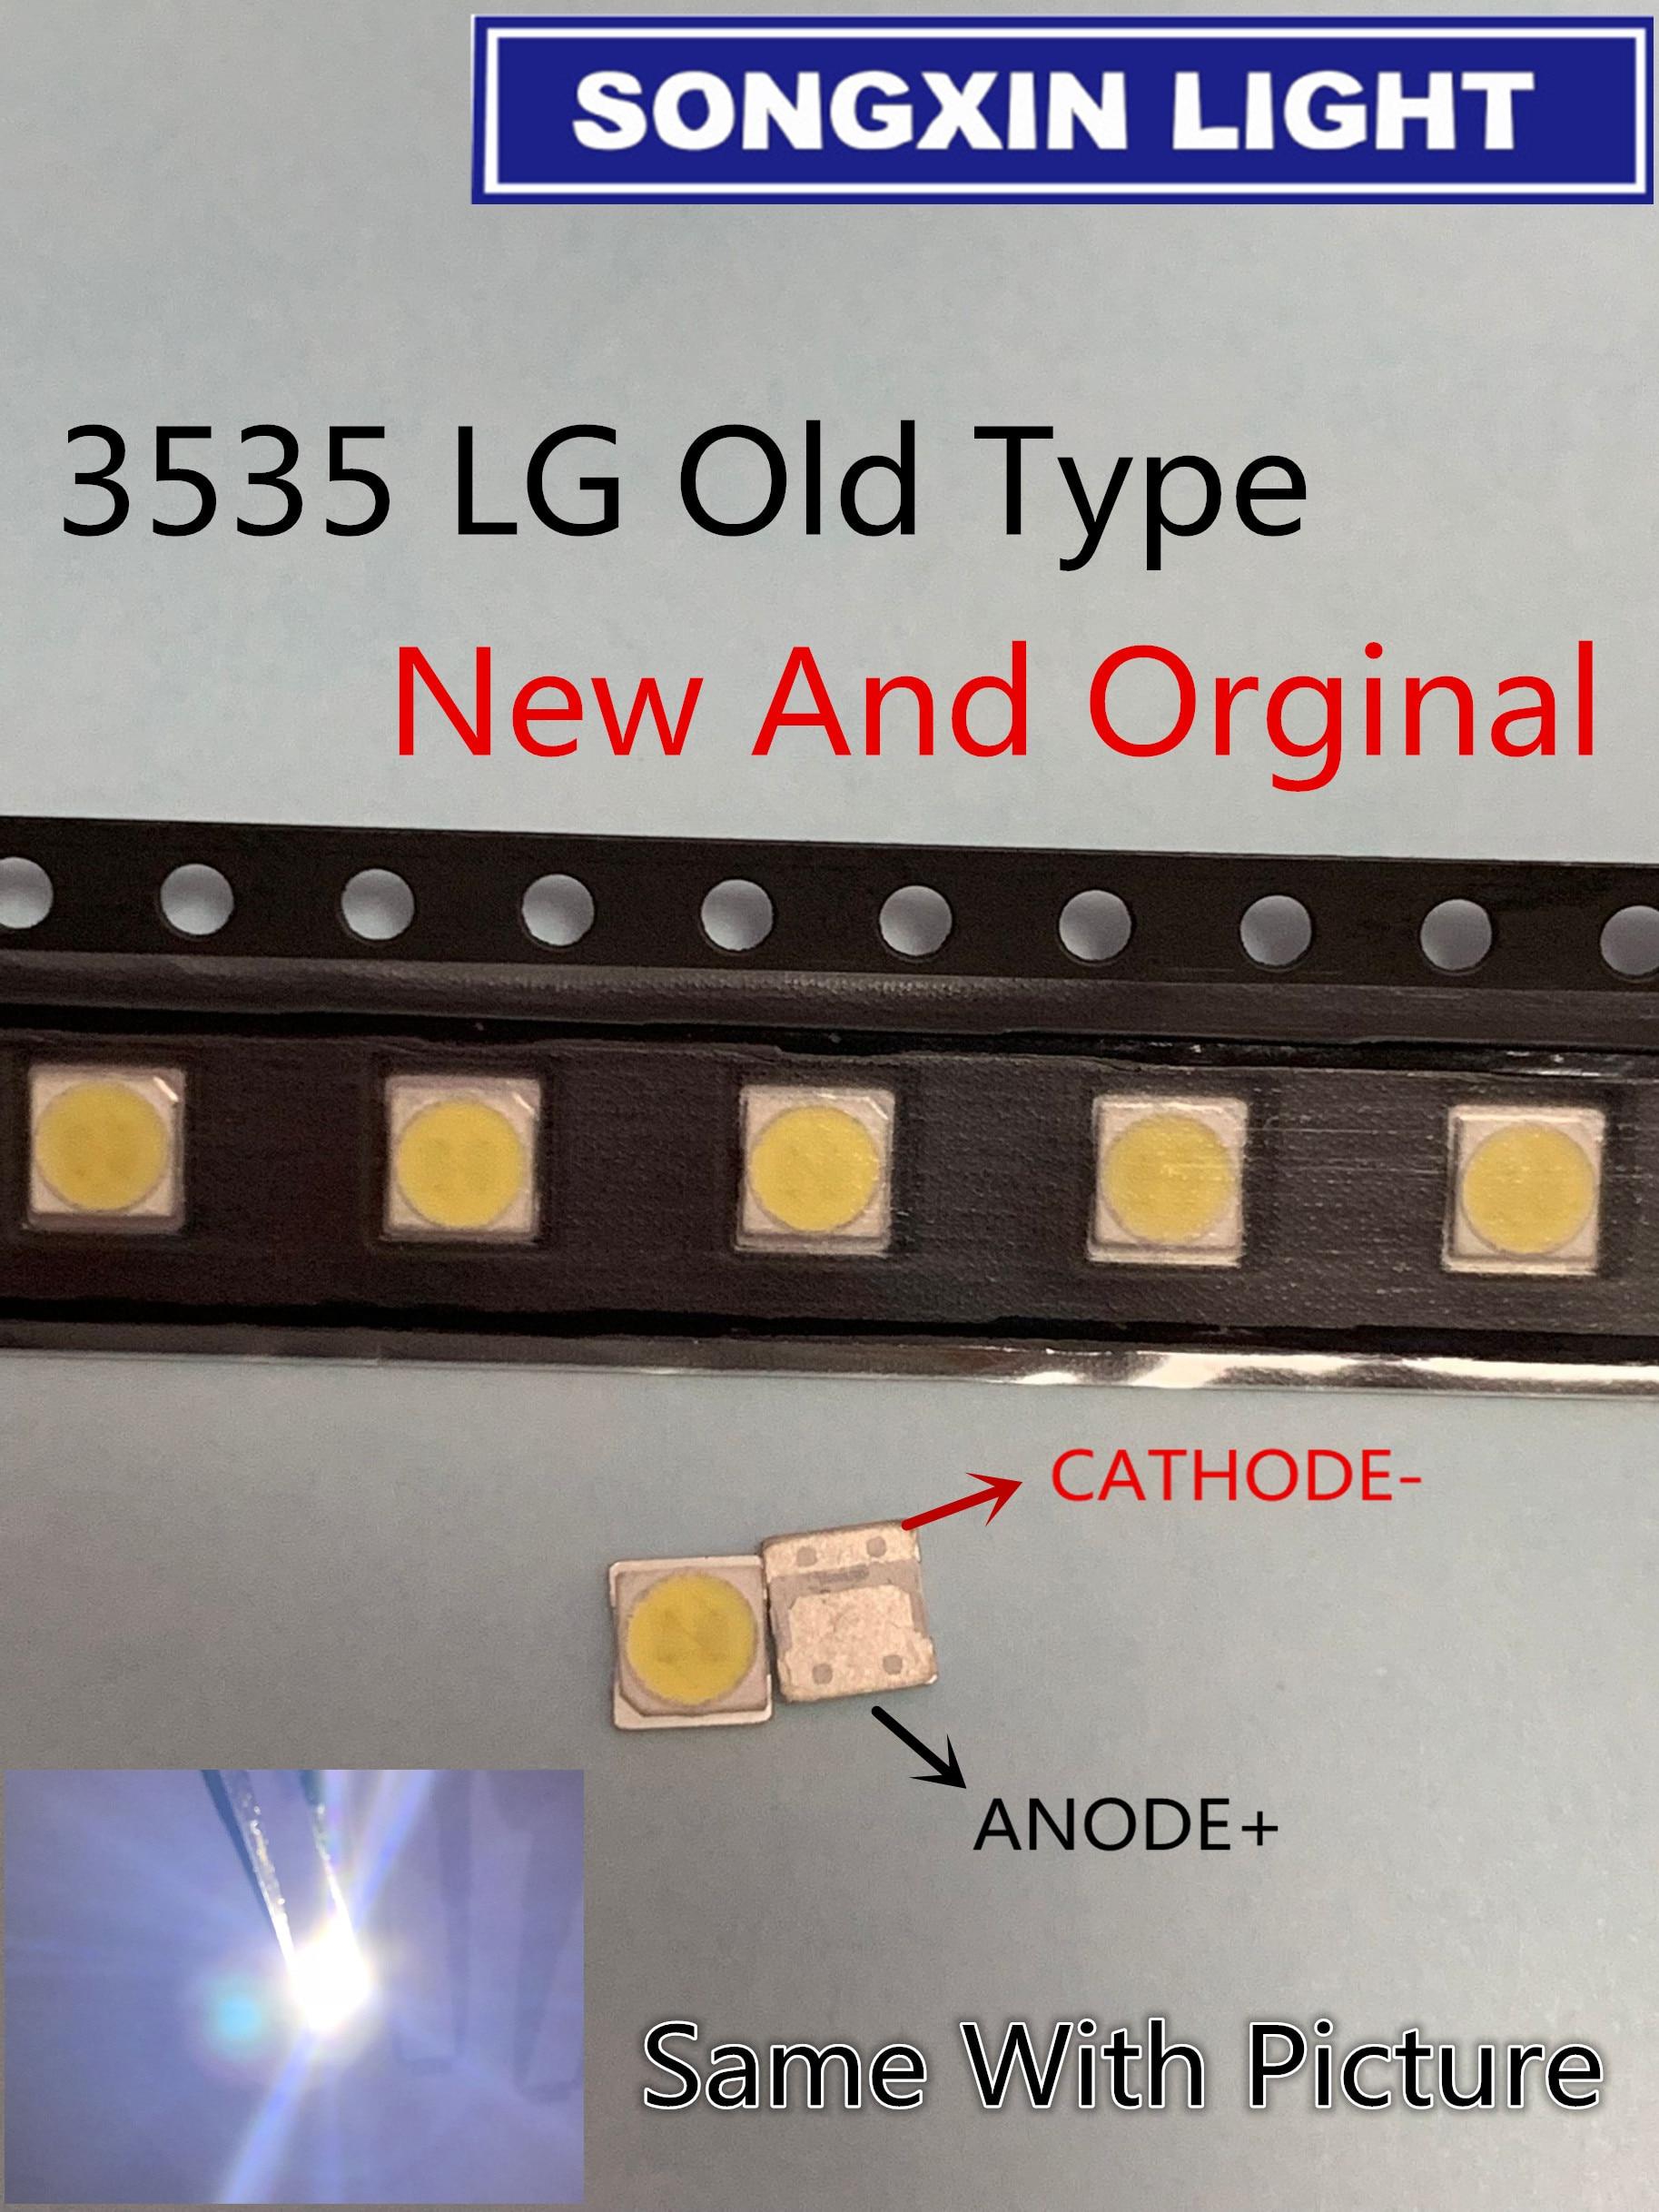 500 Pcs Voor Lcd Tv Reparatie Lg Led Tv Backlight Strip Verlichting Met Light-emitting Diode 3535 Smd Led 3535 2 W 6 V 150lm Comfortabel Gevoel